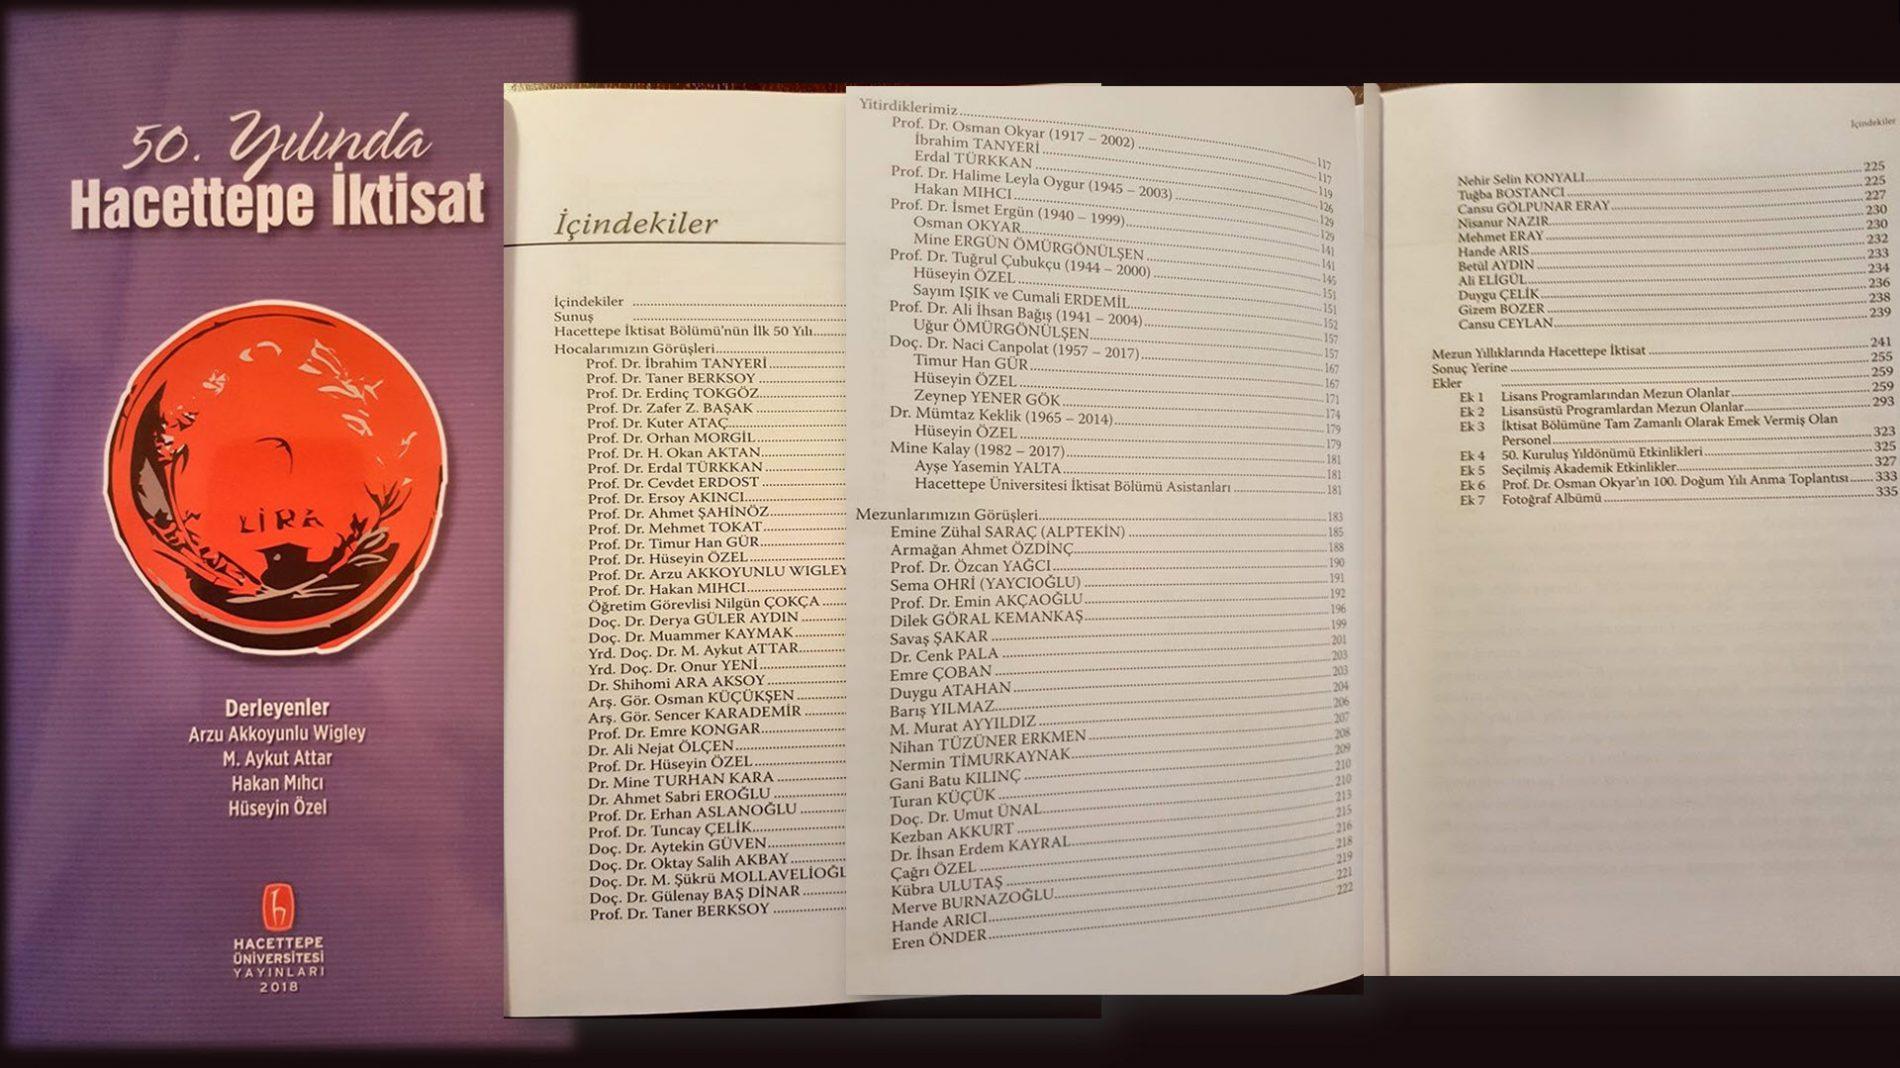 50. Yılında Hacettepe İktisat kitabı yayımlandı